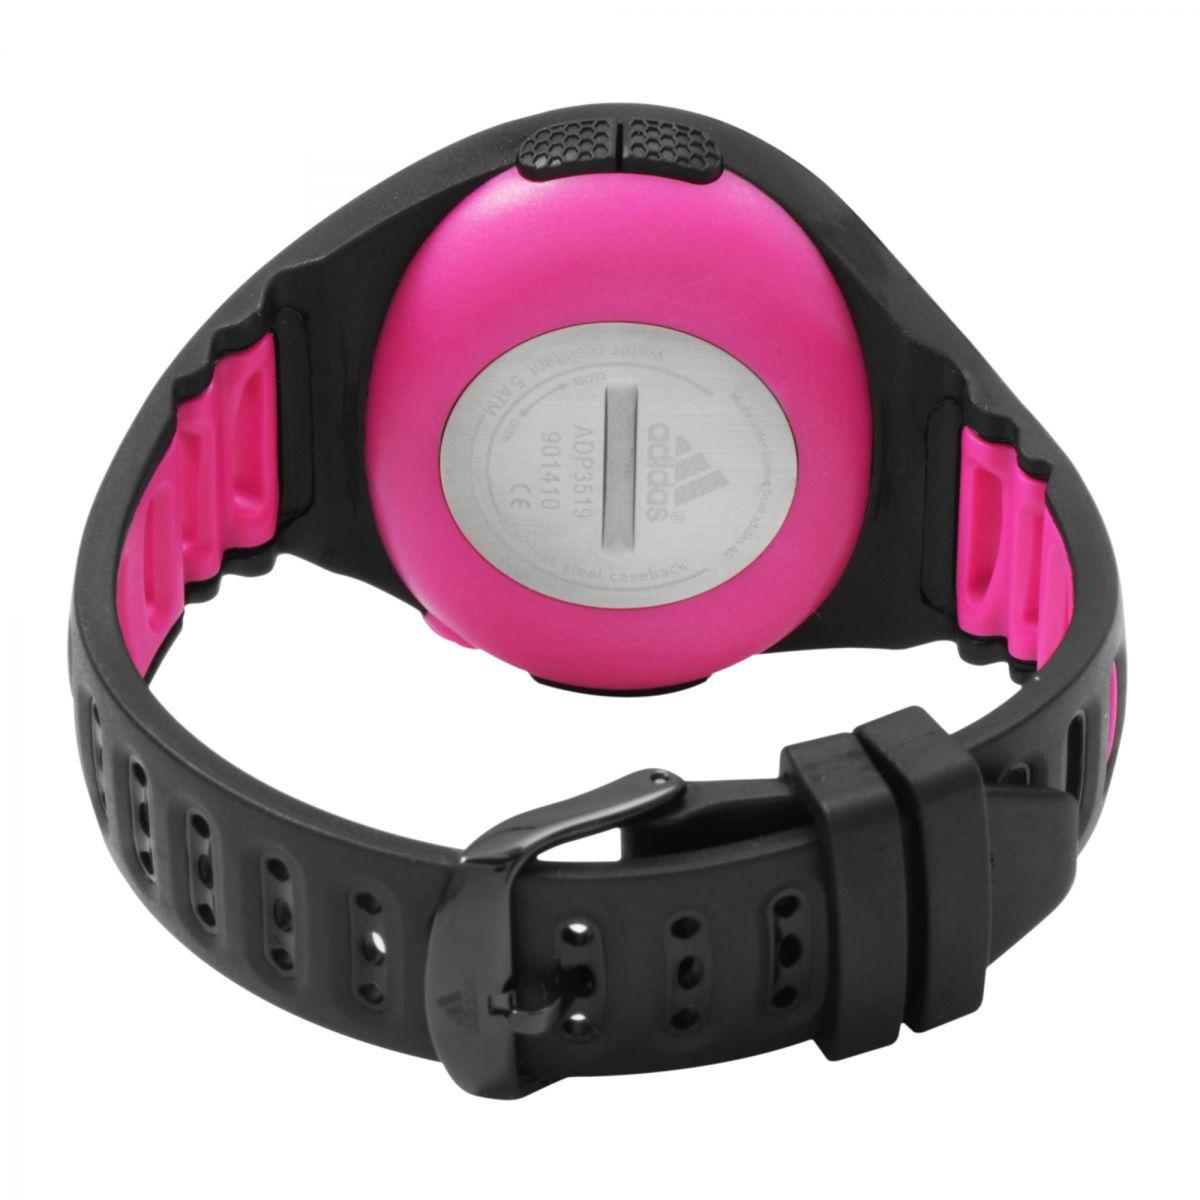 Reloj Adidas Performance Adizero Reloj Midsize Alarm Adidas Chronograph para para mujer 429f5b7 - burpimmunitet.website